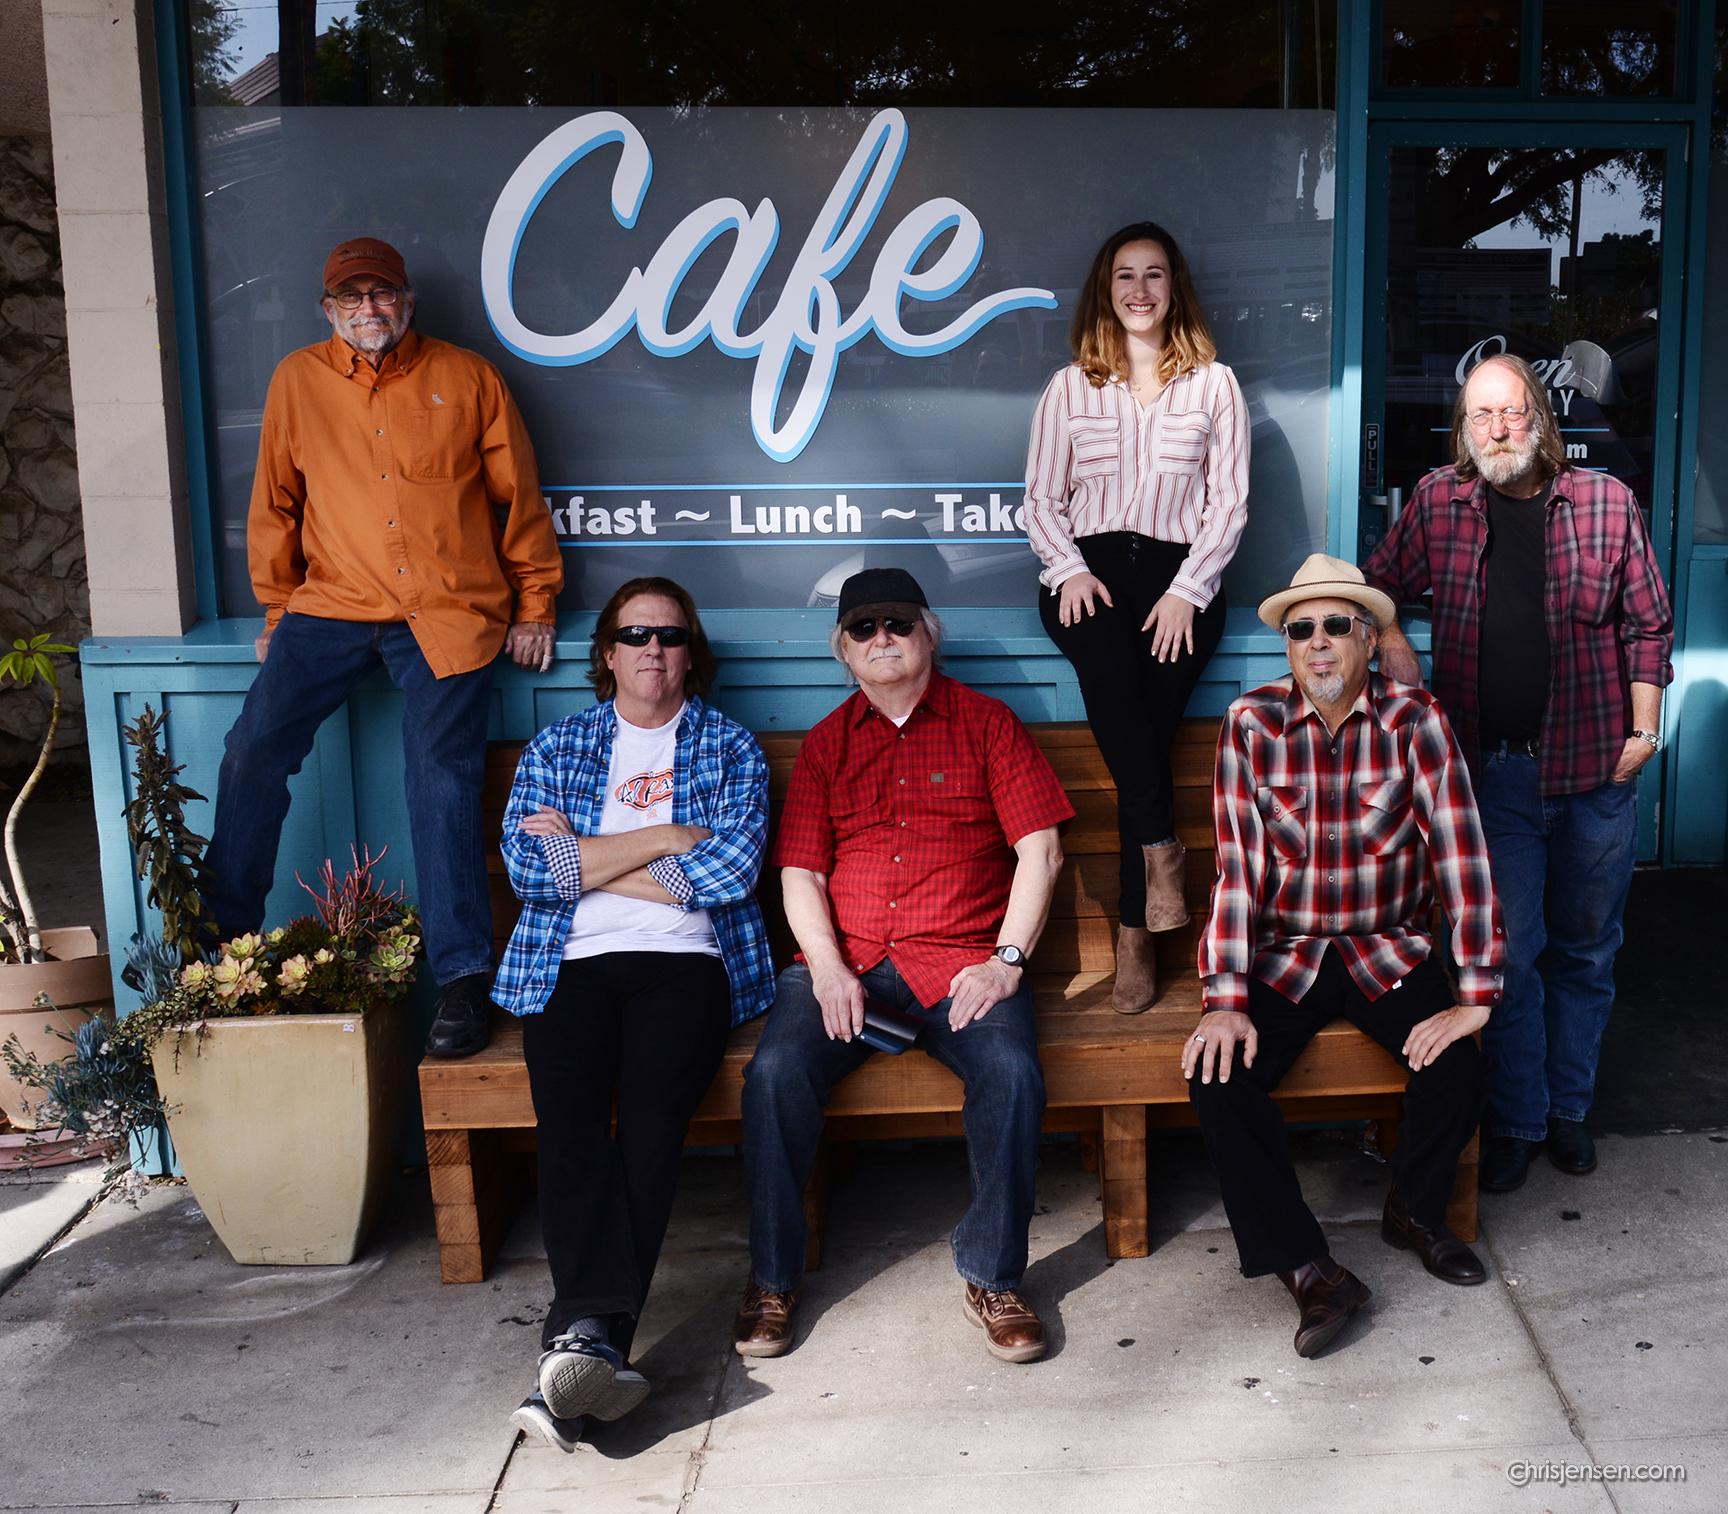 PSKF_2347-cafe-web